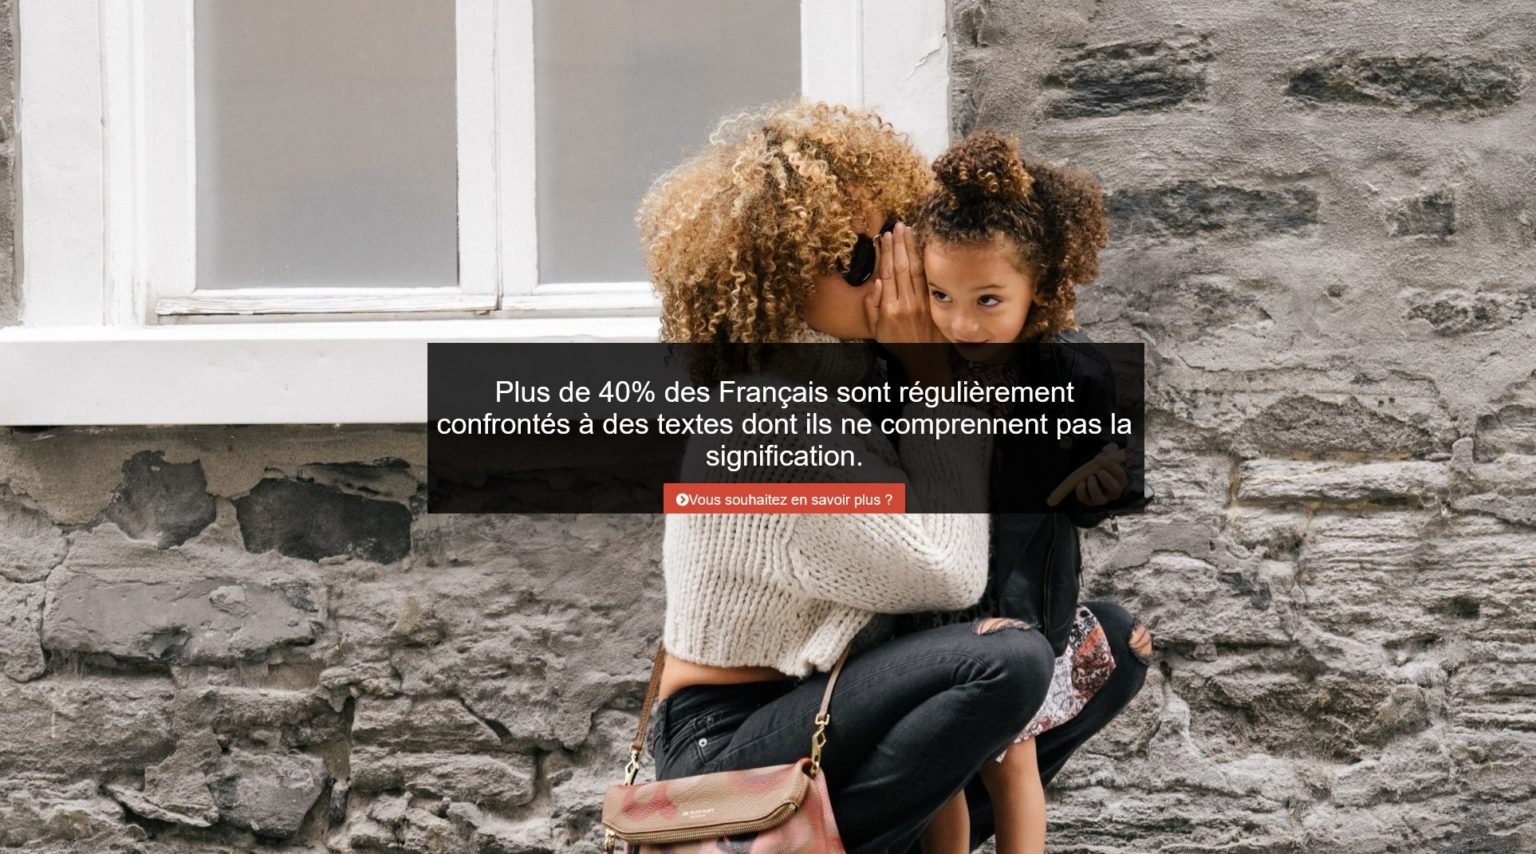 Plus de 40% des français sont régulièrement confrontés à des textes dont ils ne comprennent pas la signification. Vous souhaitez en savoir plus ?